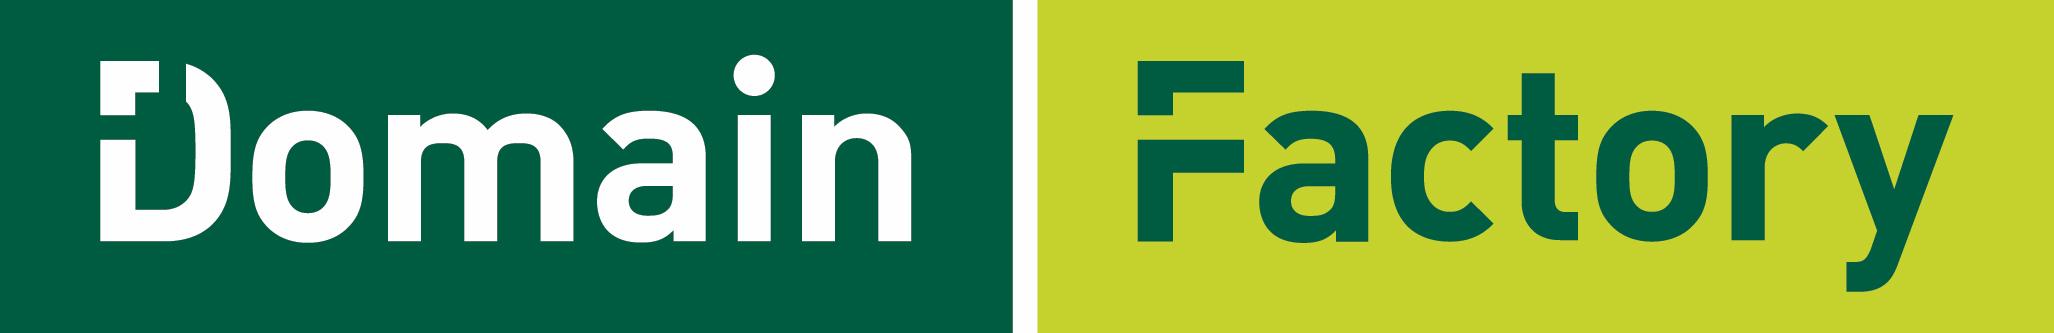 Abbildung des Domain Factory Logos.